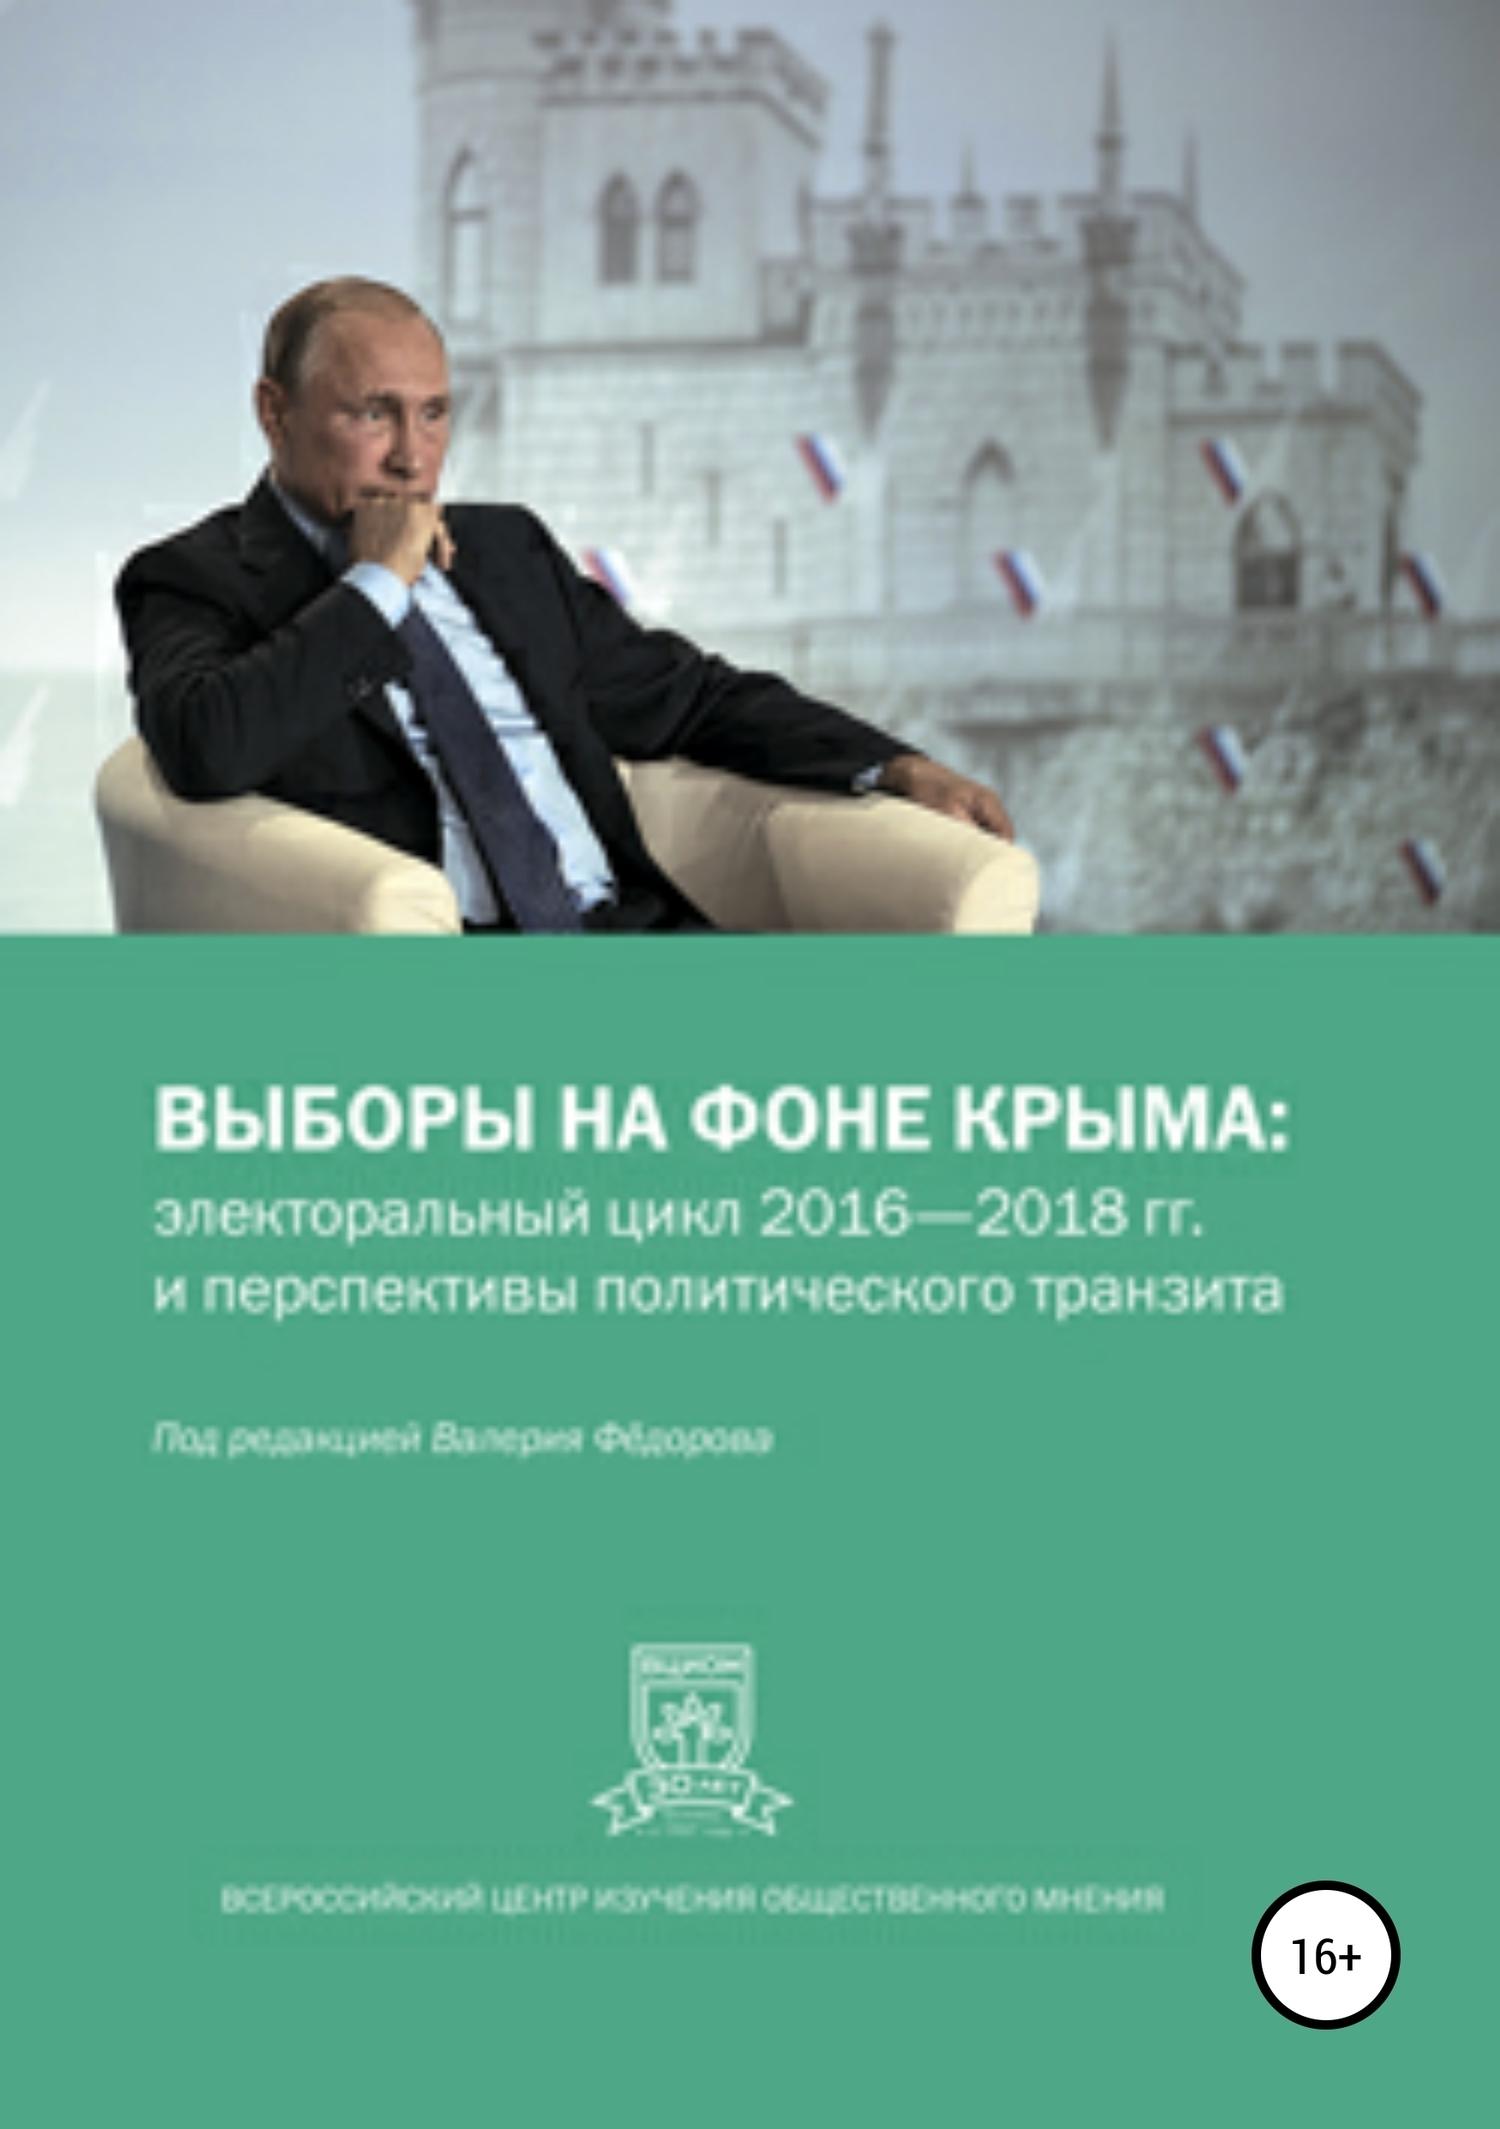 Выборы на фоне Крыма: электоральный цикл 2016-2018 гг. иперспективы политического транзита